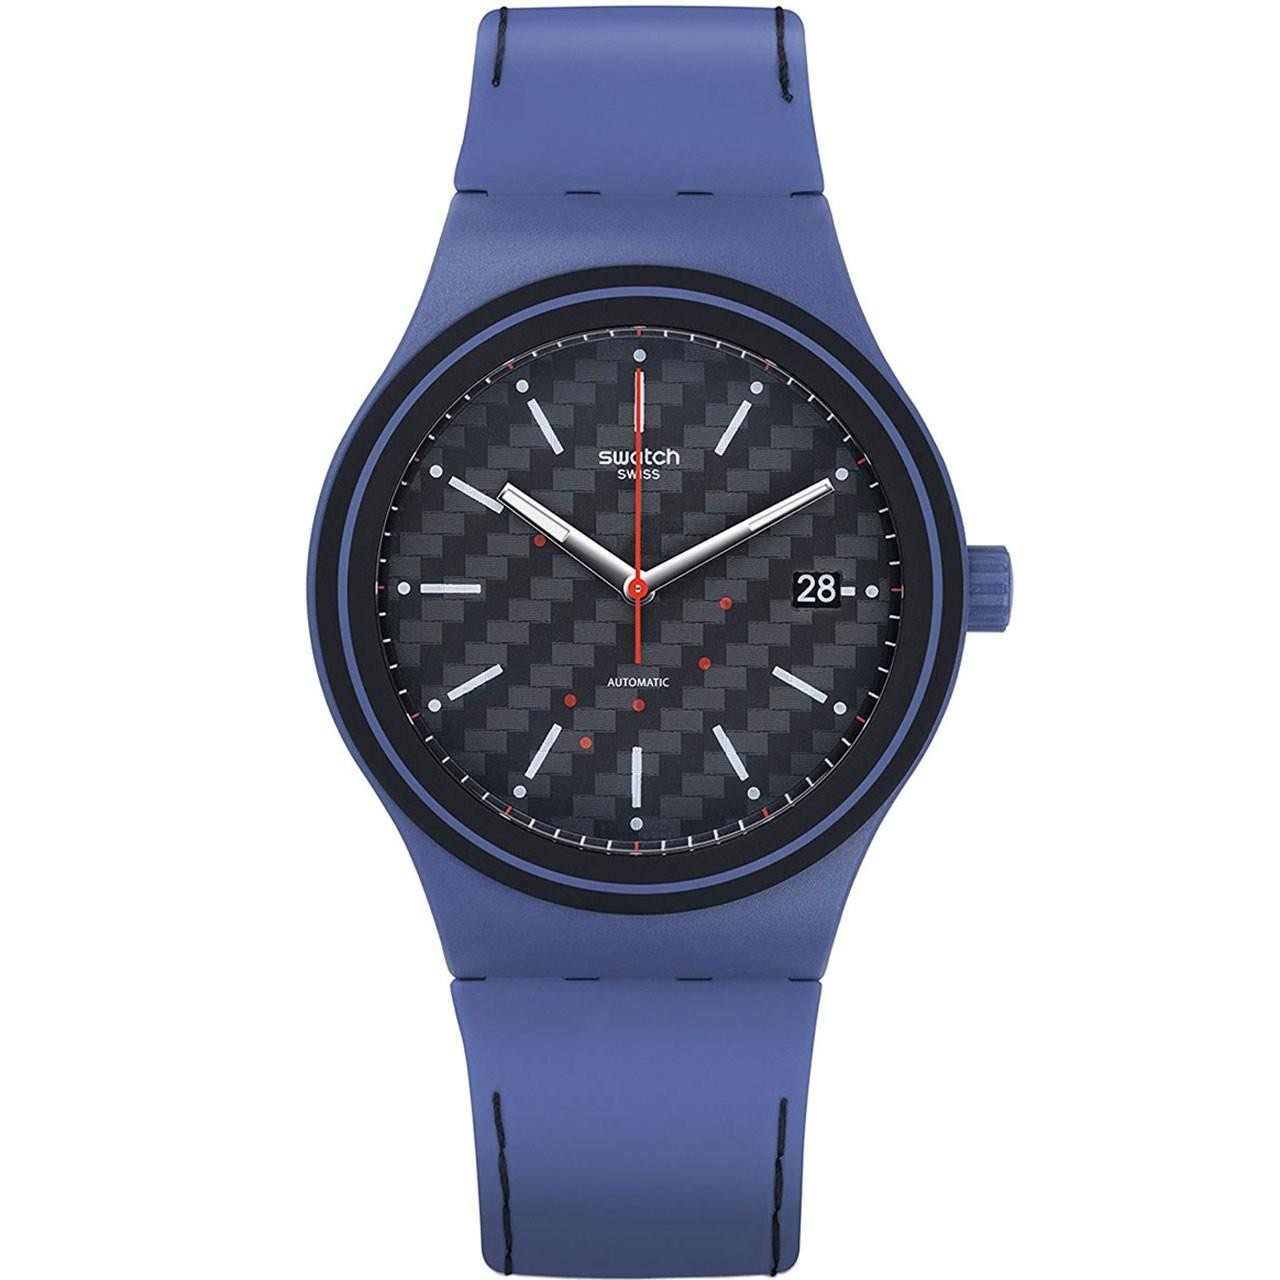 ساعت مچی عقربه ای مردانه سواچ مدل SUTN402 49